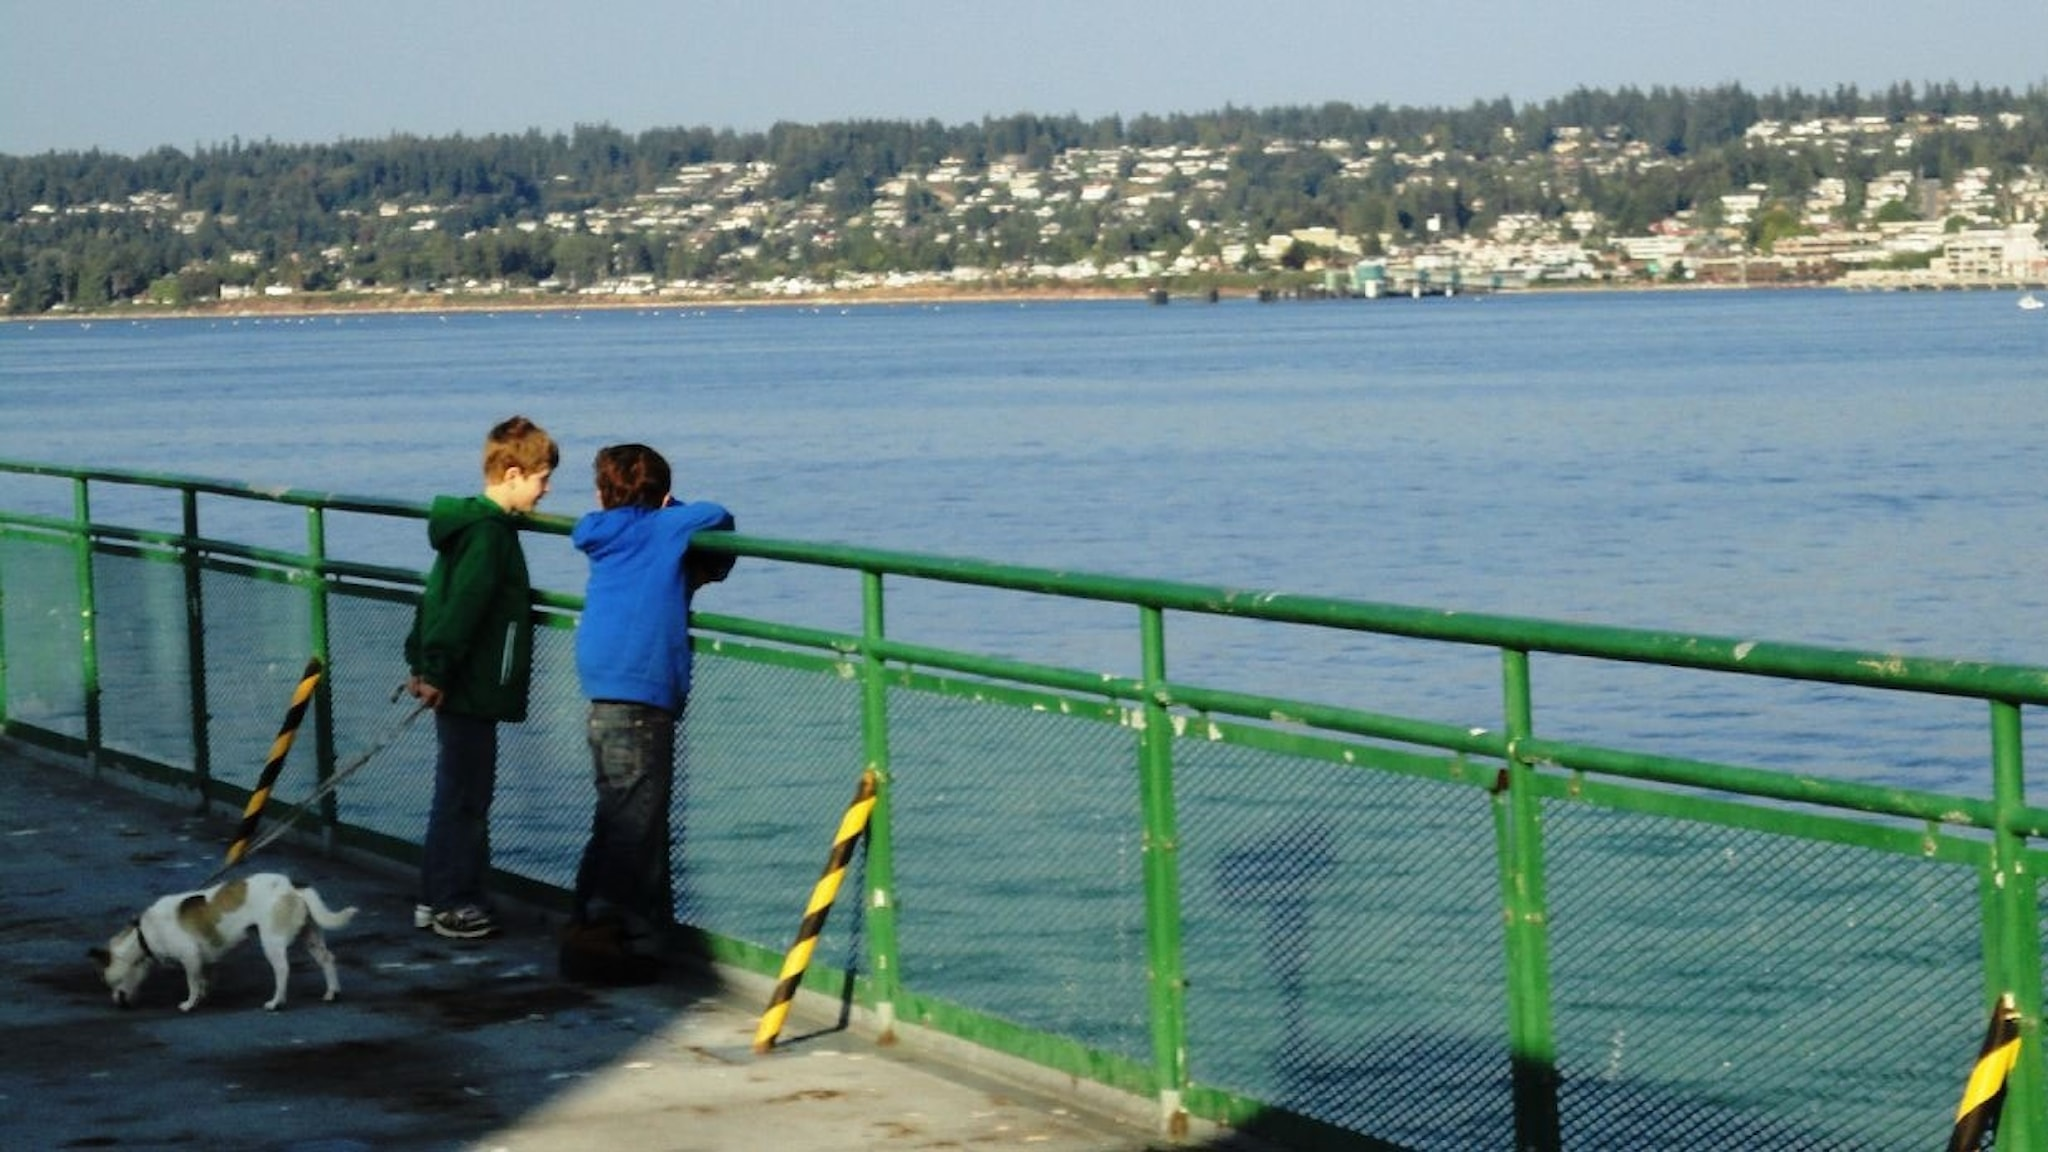 Kaksi poikaa laivan kannella